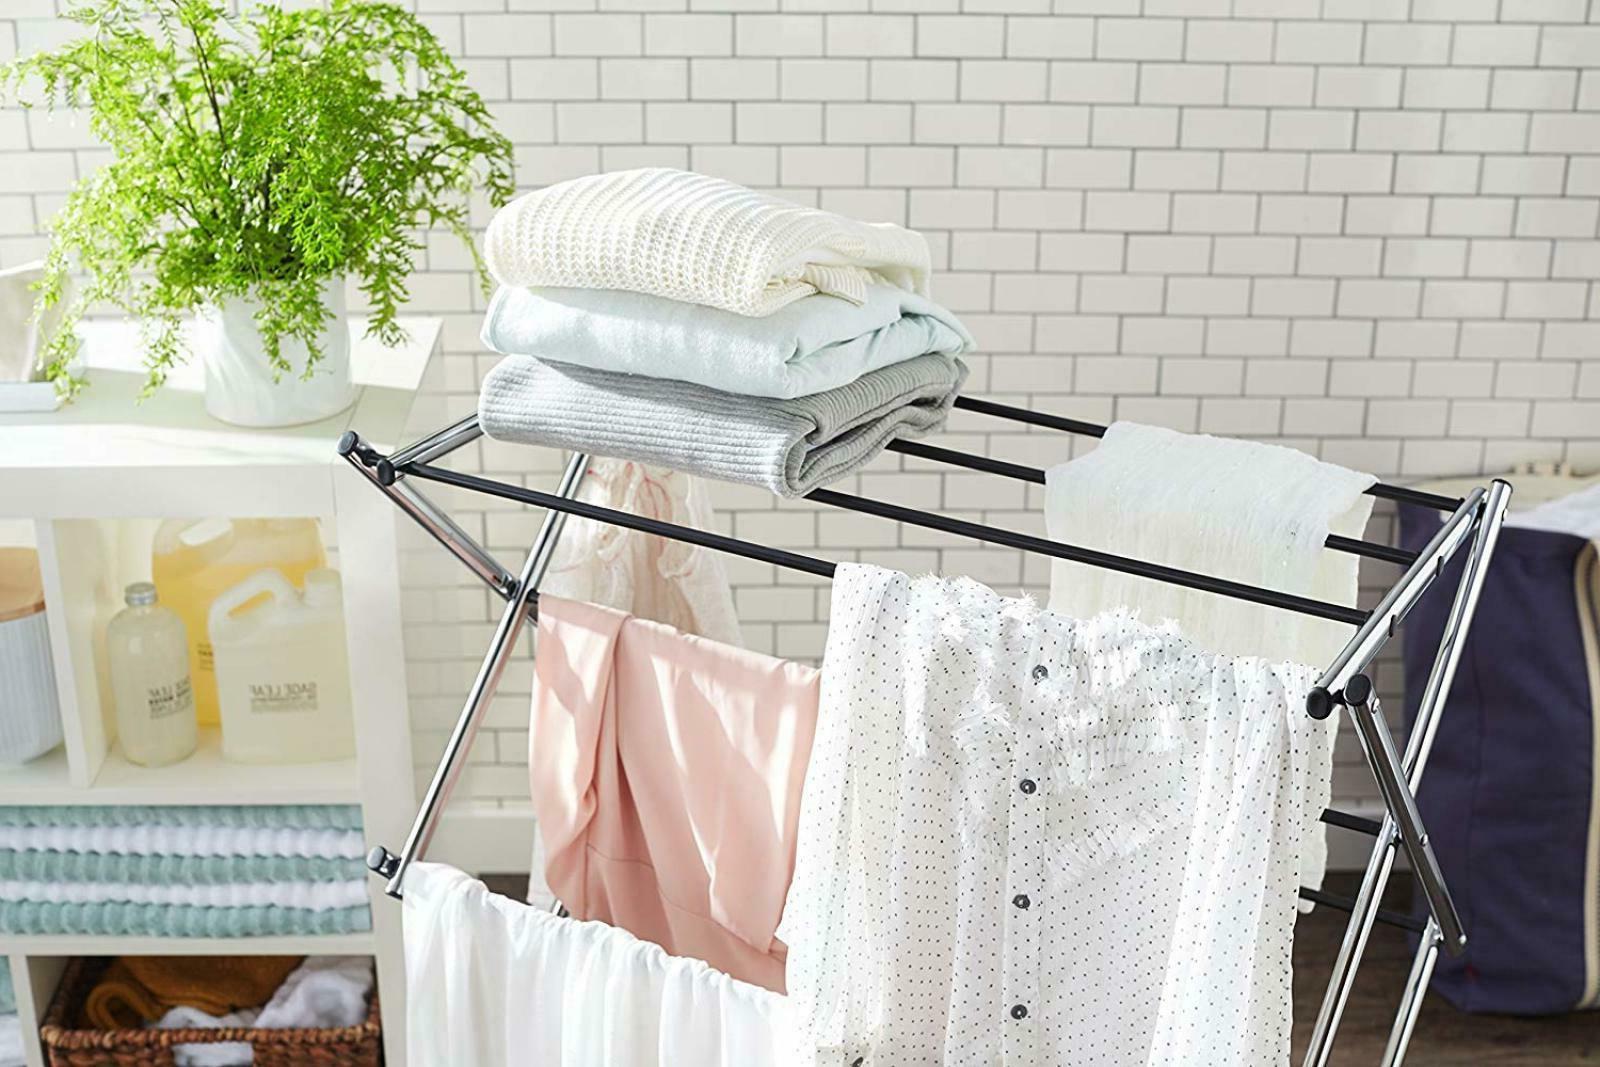 AmazonBasics Drying For Energy Gentle